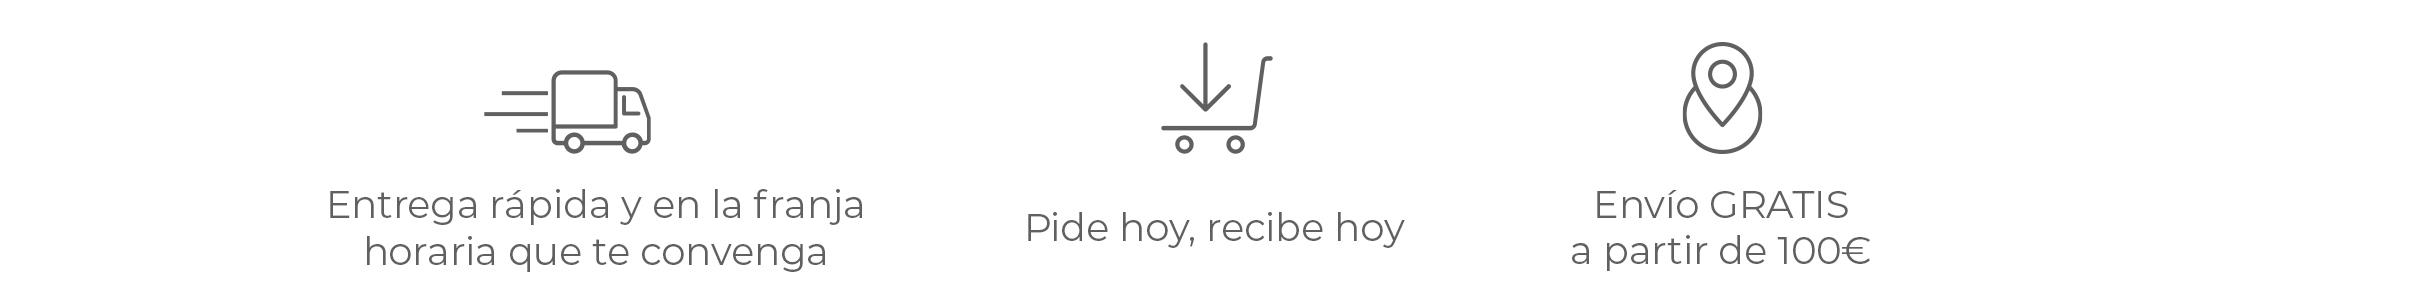 Ventajas con Dia.es